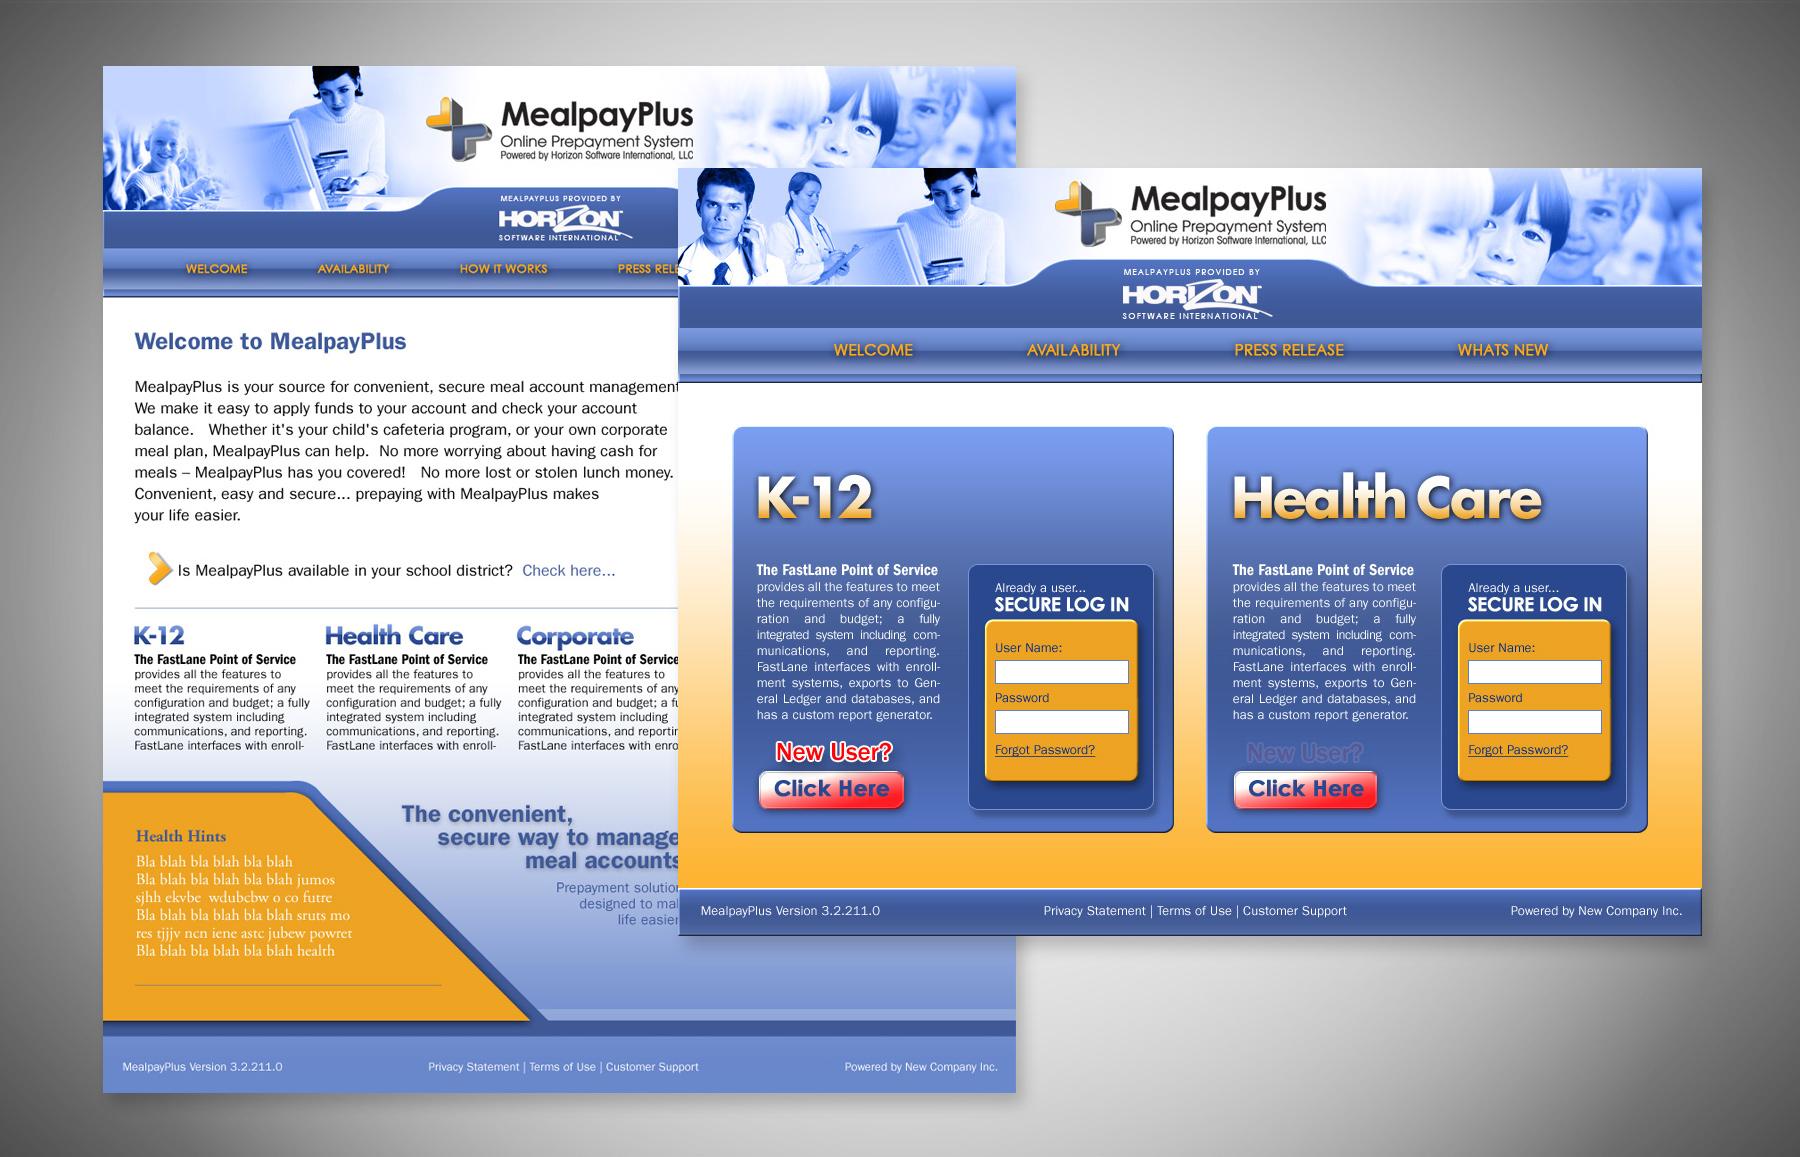 MealpayPlus Web Landing Page